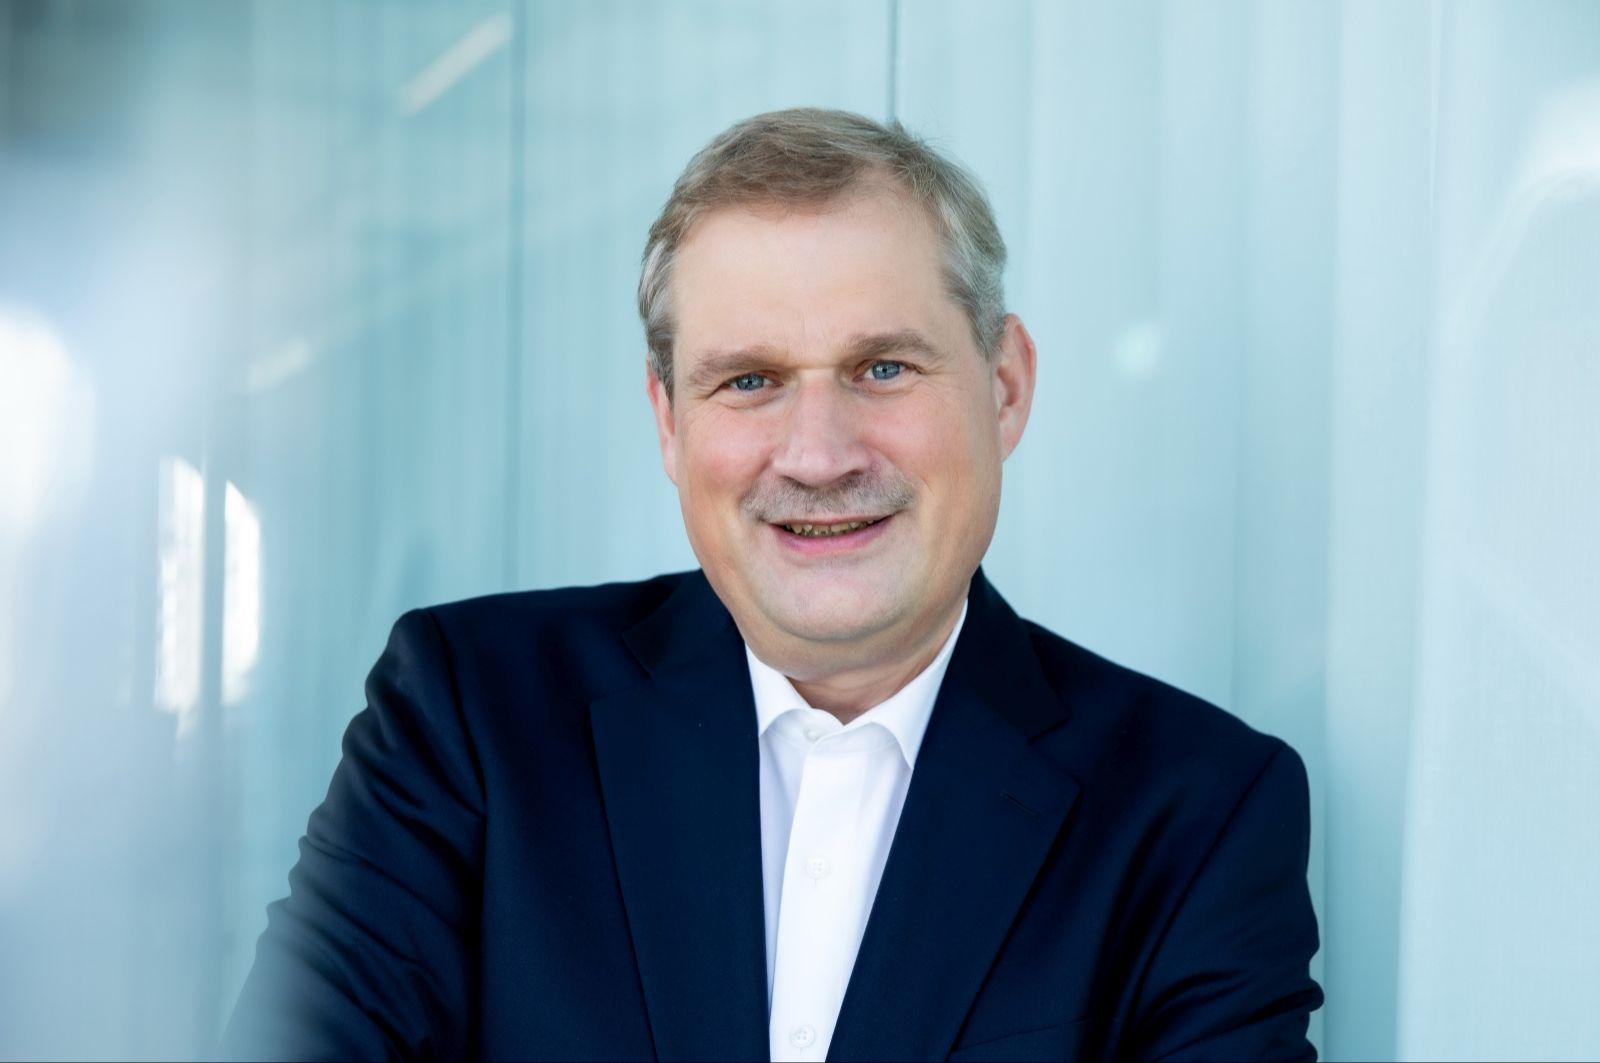 Porträtbild von Dr. Frank Heinricht - Vorstandsvorsitzender  der SCHOTT AG